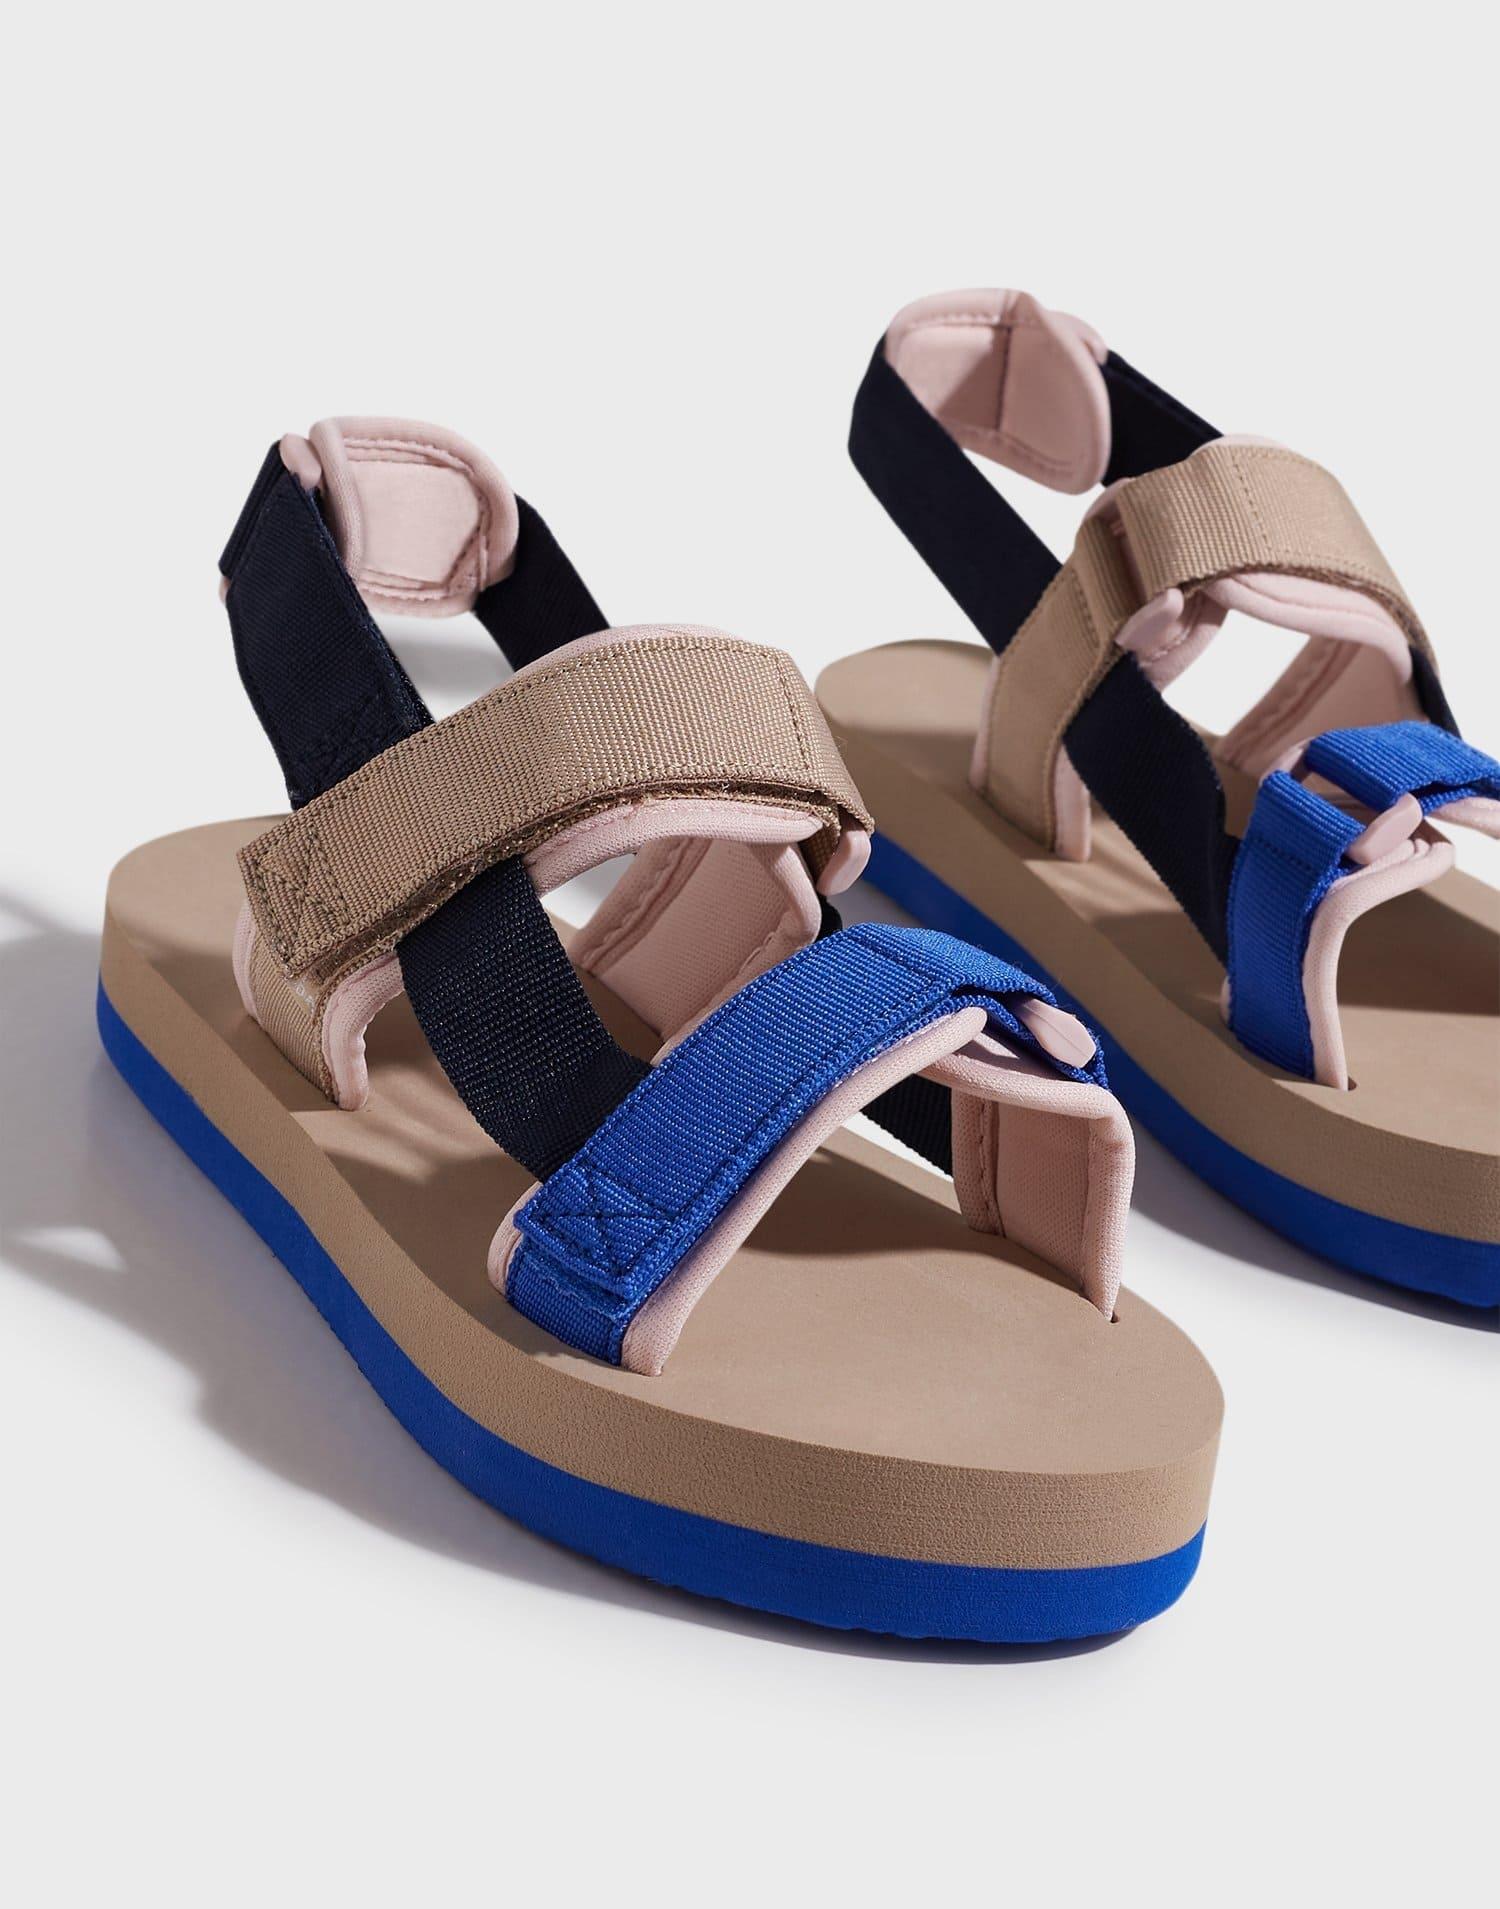 Sandaler från Vero Moda med remmar i textil över for och runt häl